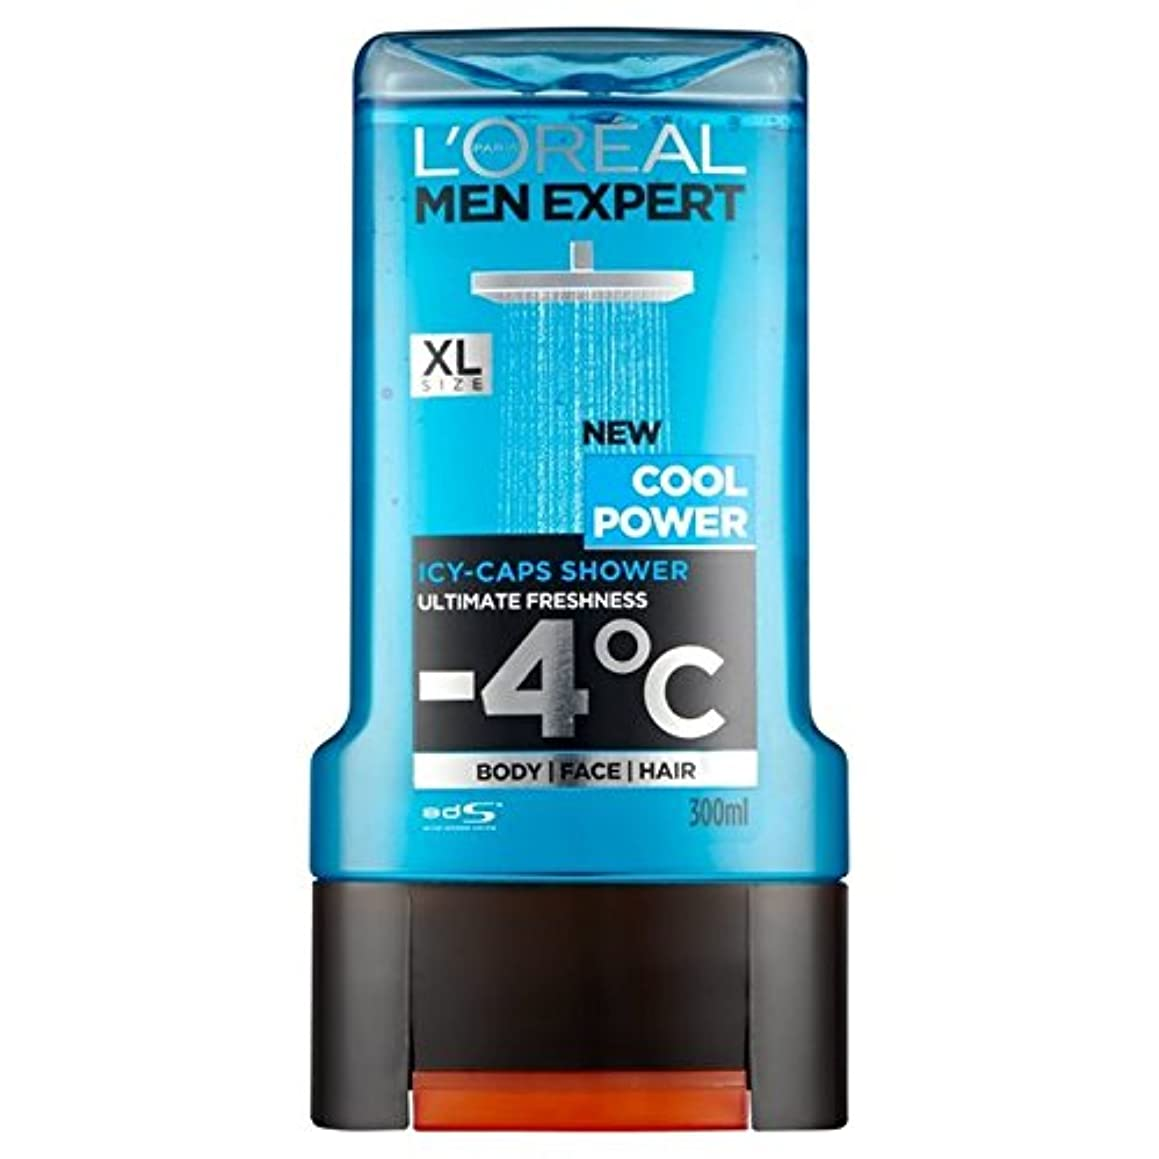 落とし穴宗教有効化L'Oreal Paris Men Expert Cool Power Shower Gel 300ml - ロレアルパリの男性の専門家のクールなパワーシャワージェル300ミリリットル [並行輸入品]